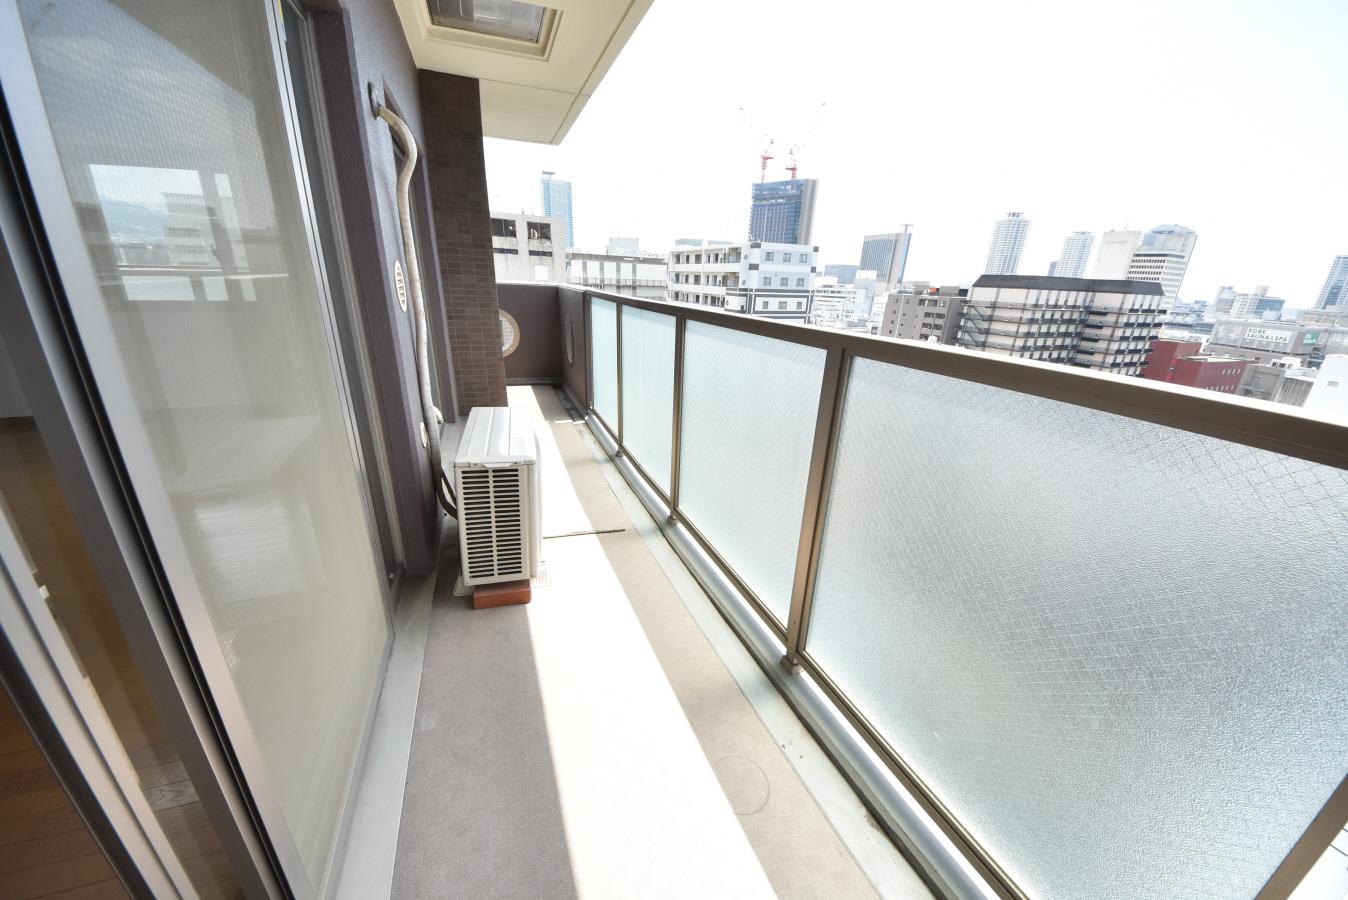 物件番号: 1025884045 ローレル・トアスクエア  神戸市中央区中山手通2丁目 1SLDK マンション 画像28